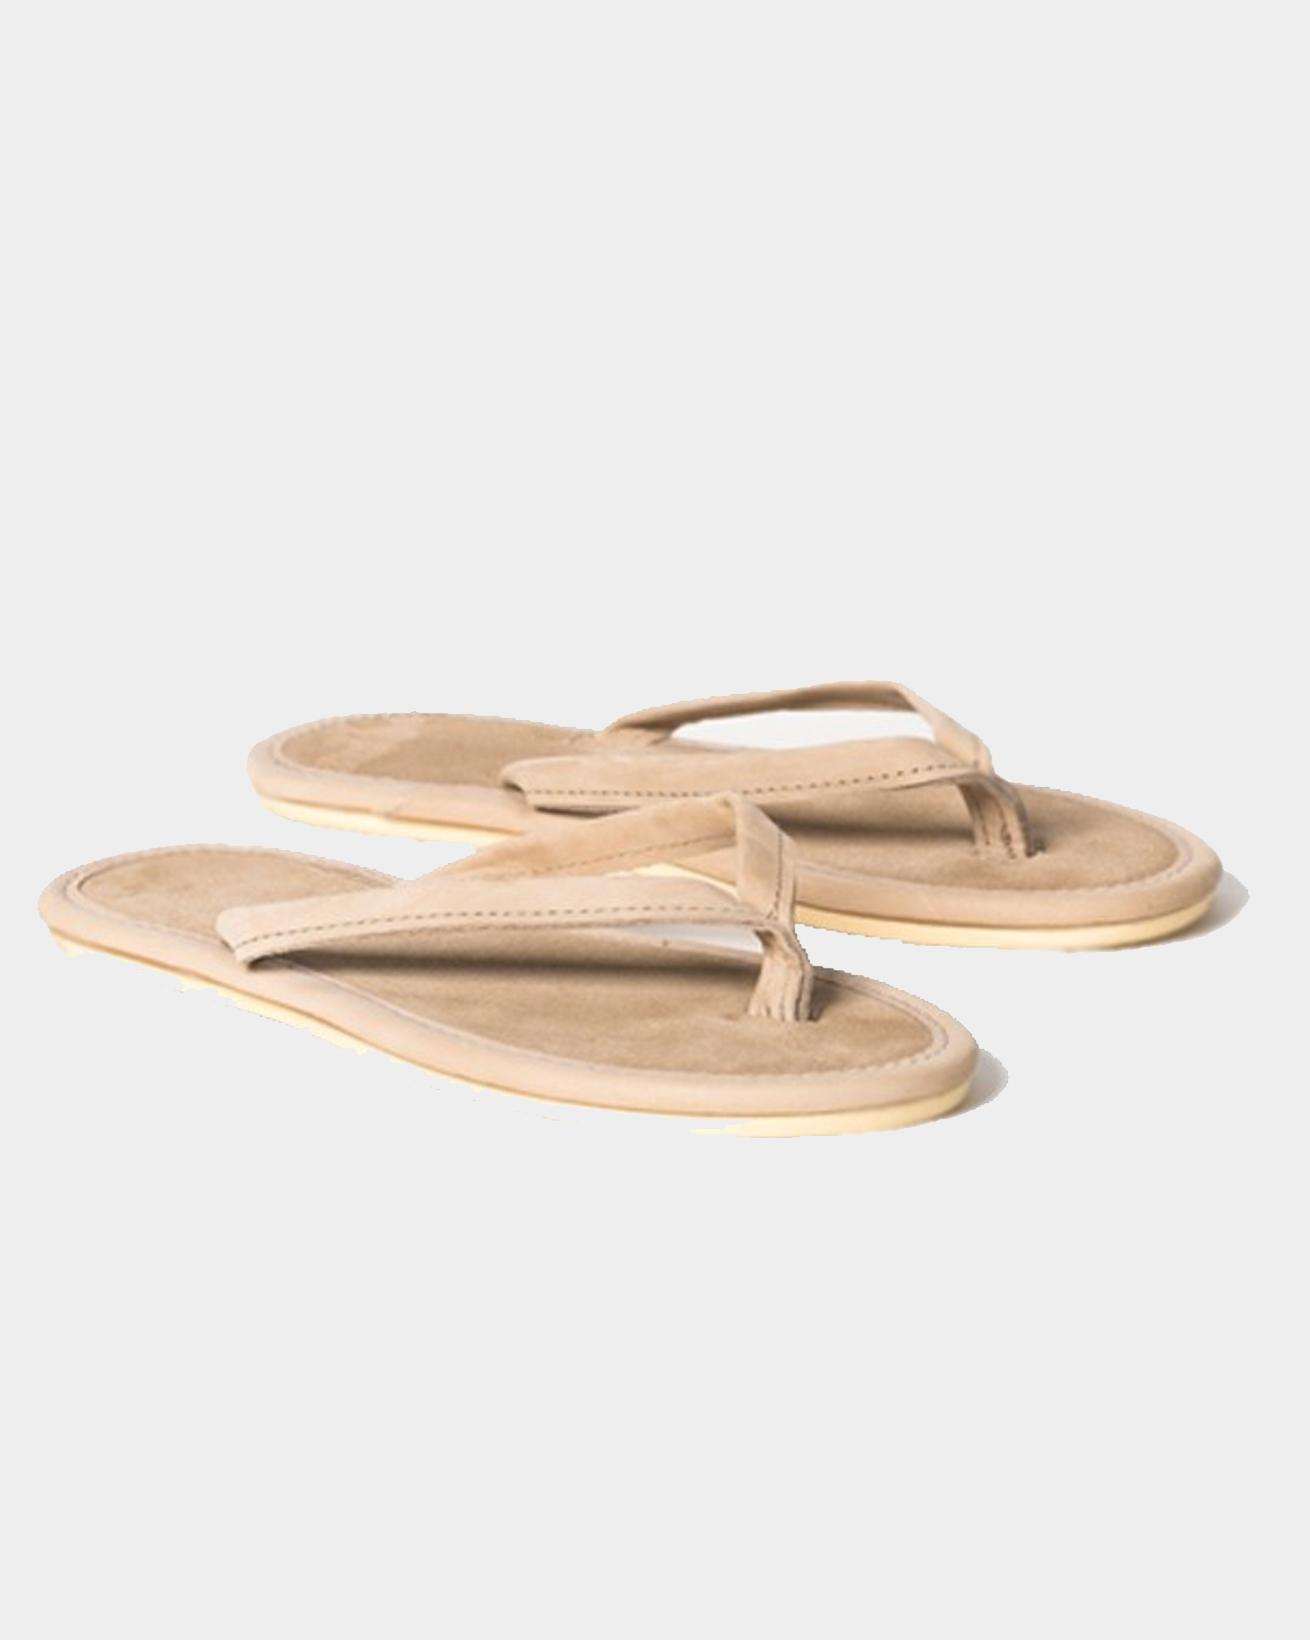 2501-nubuck-suede-flip-flops-taupe-1.jpg